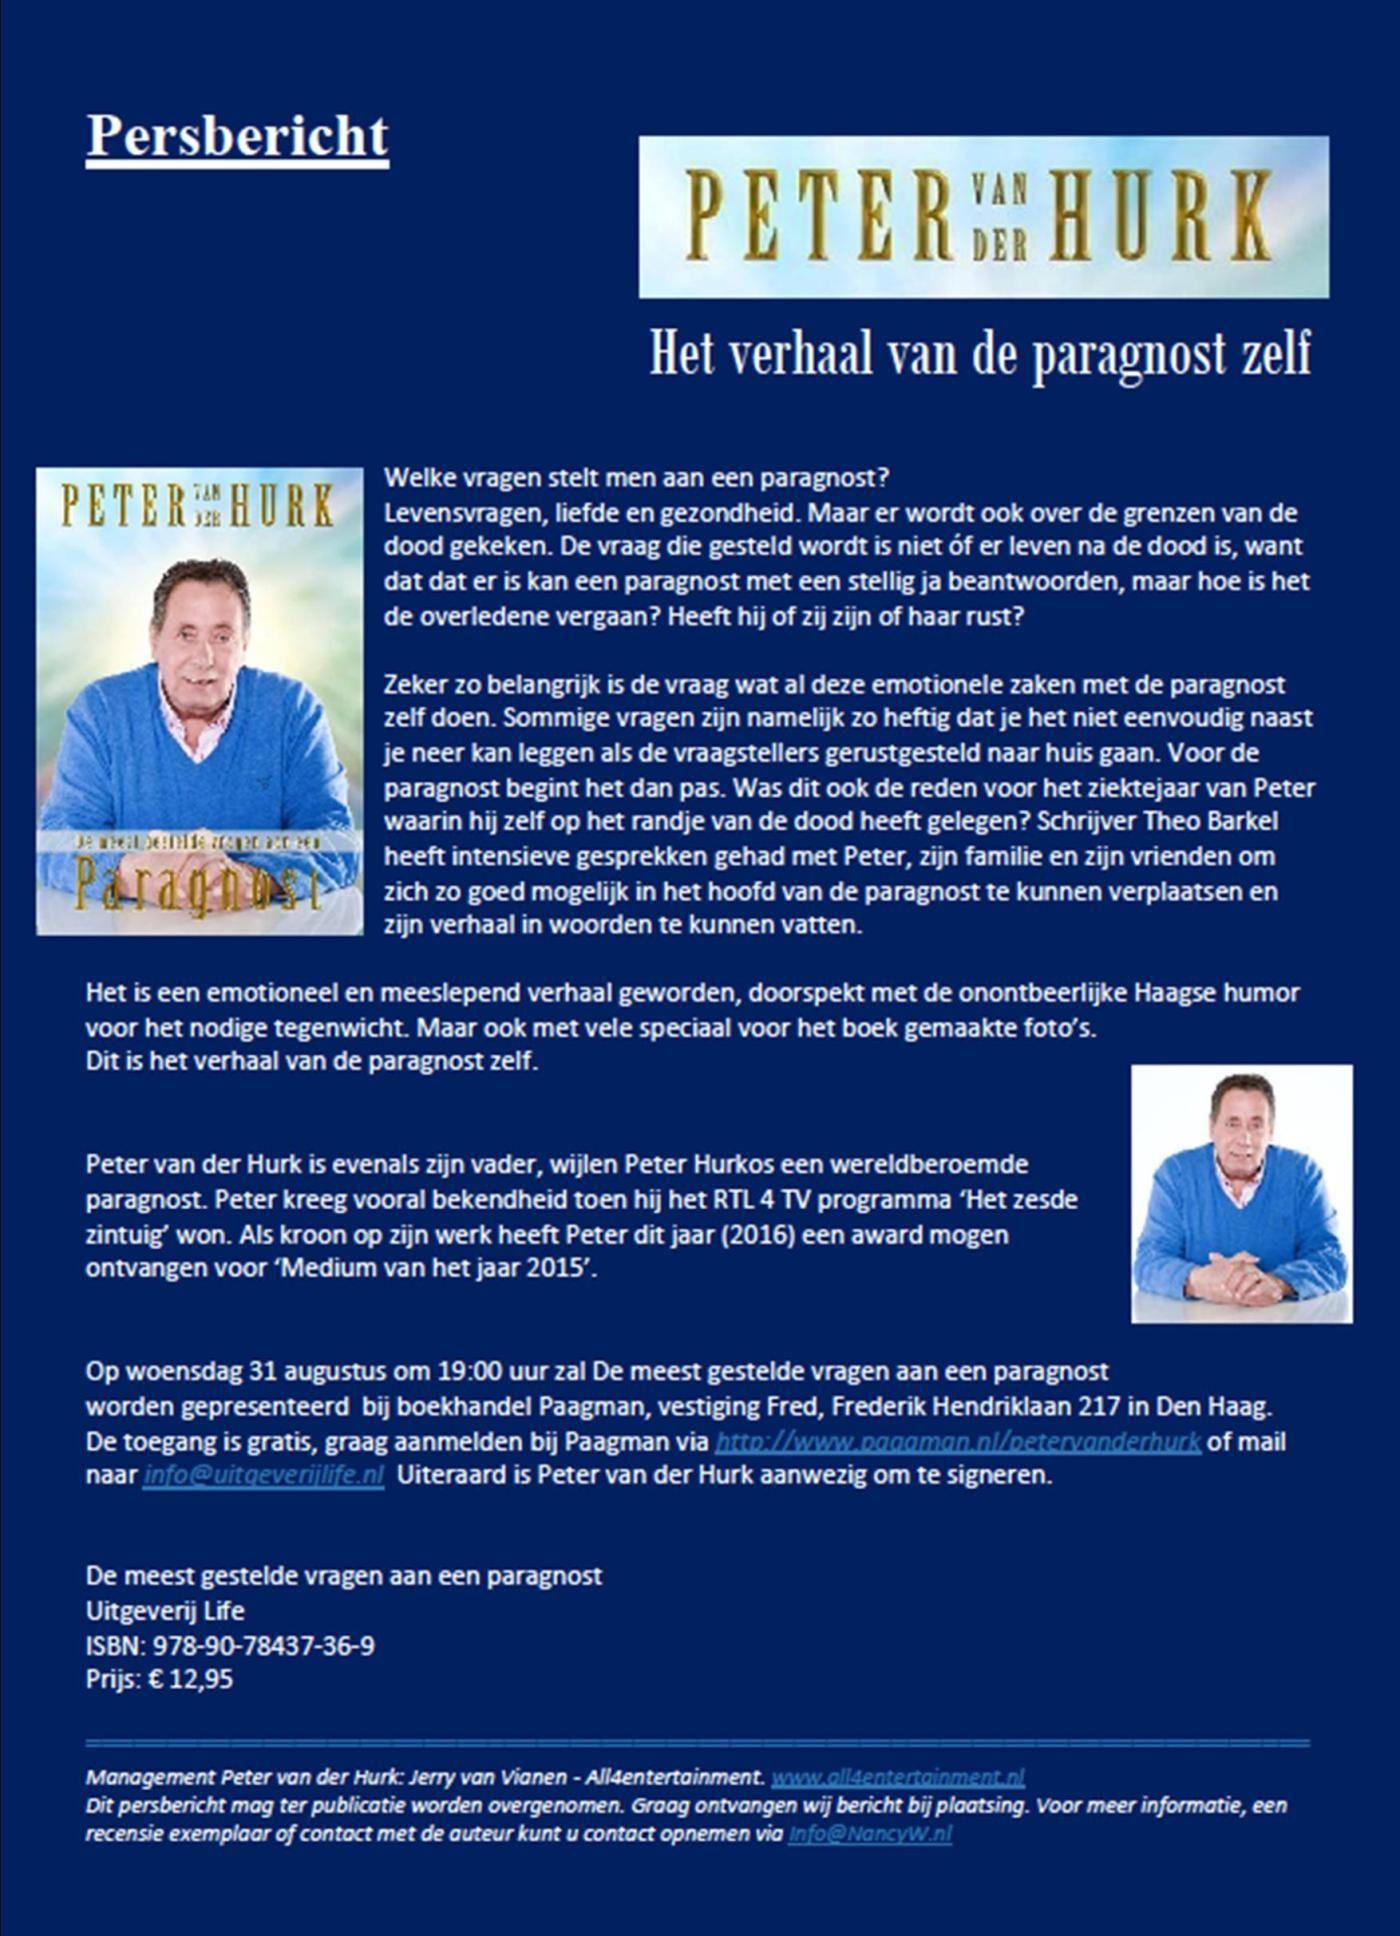 Persbericht Peter van der Hurk